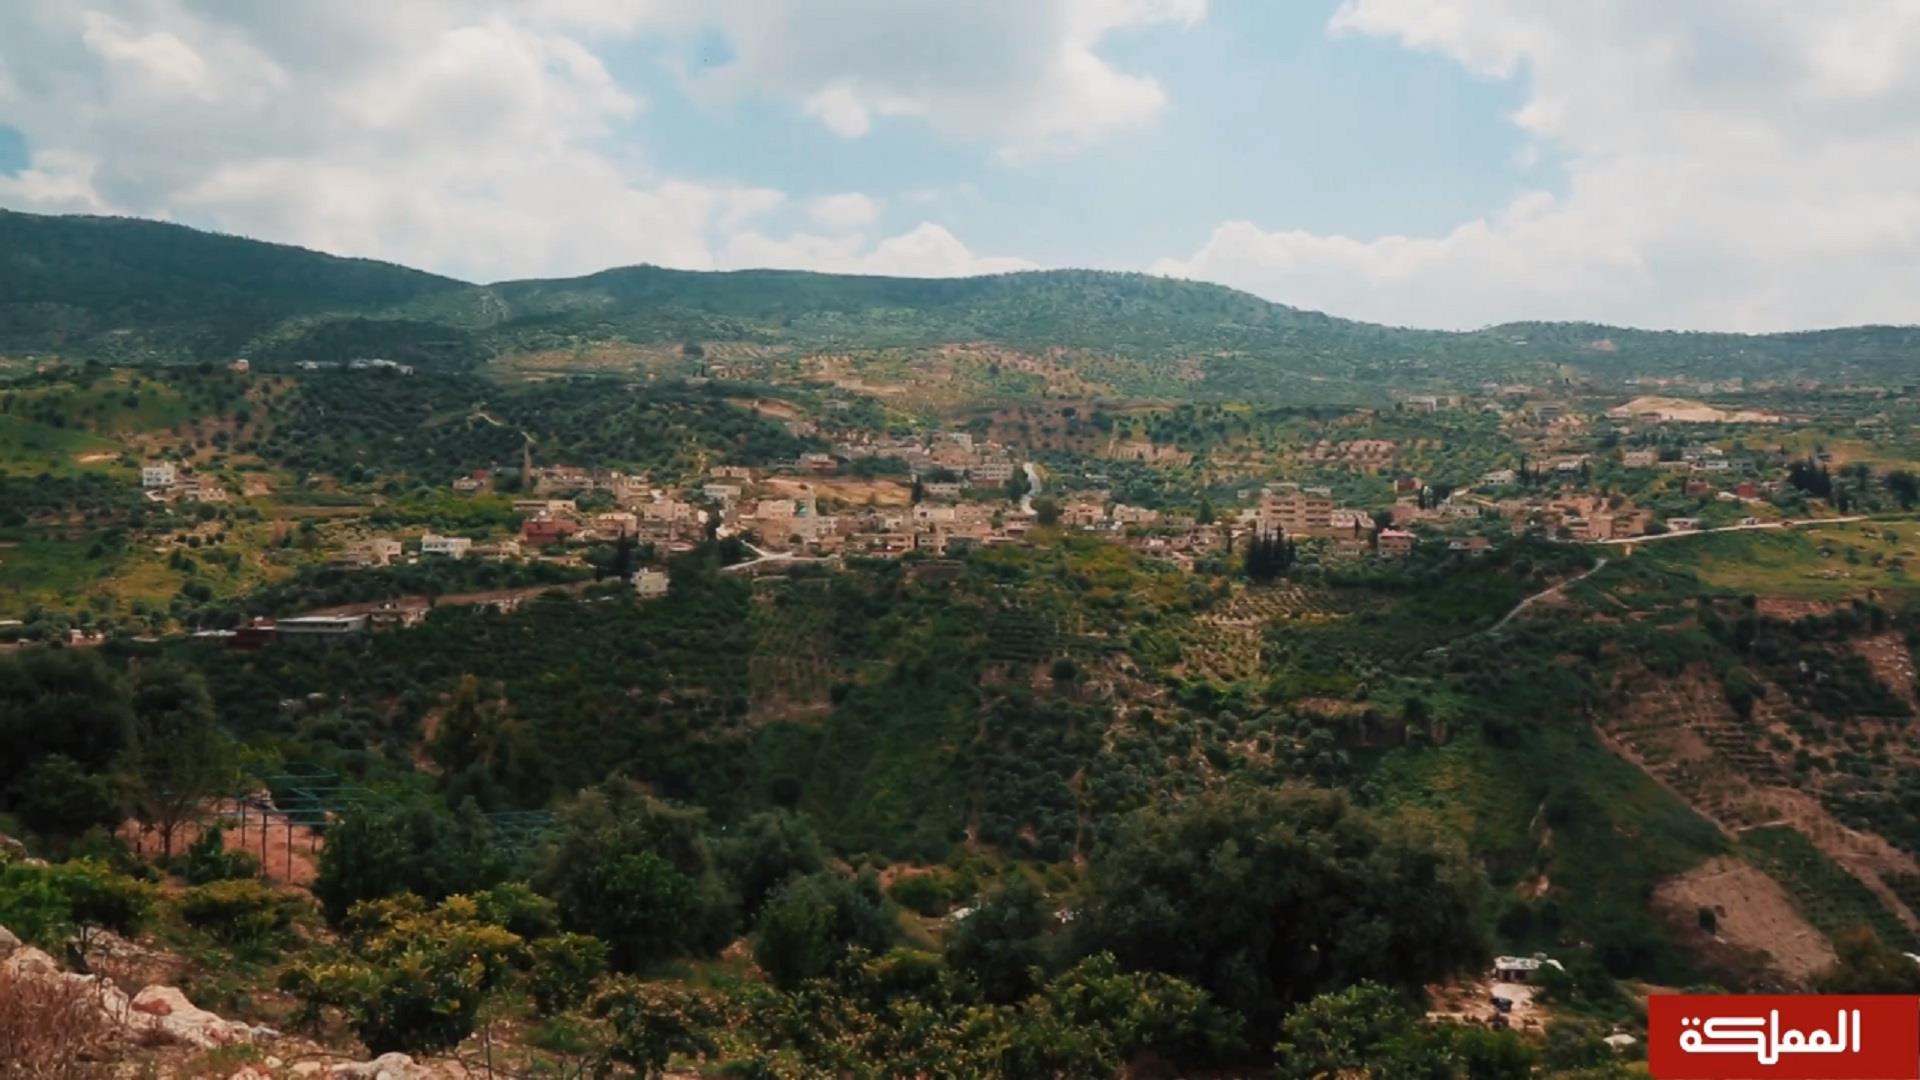 بوح القرى | قرية راجب